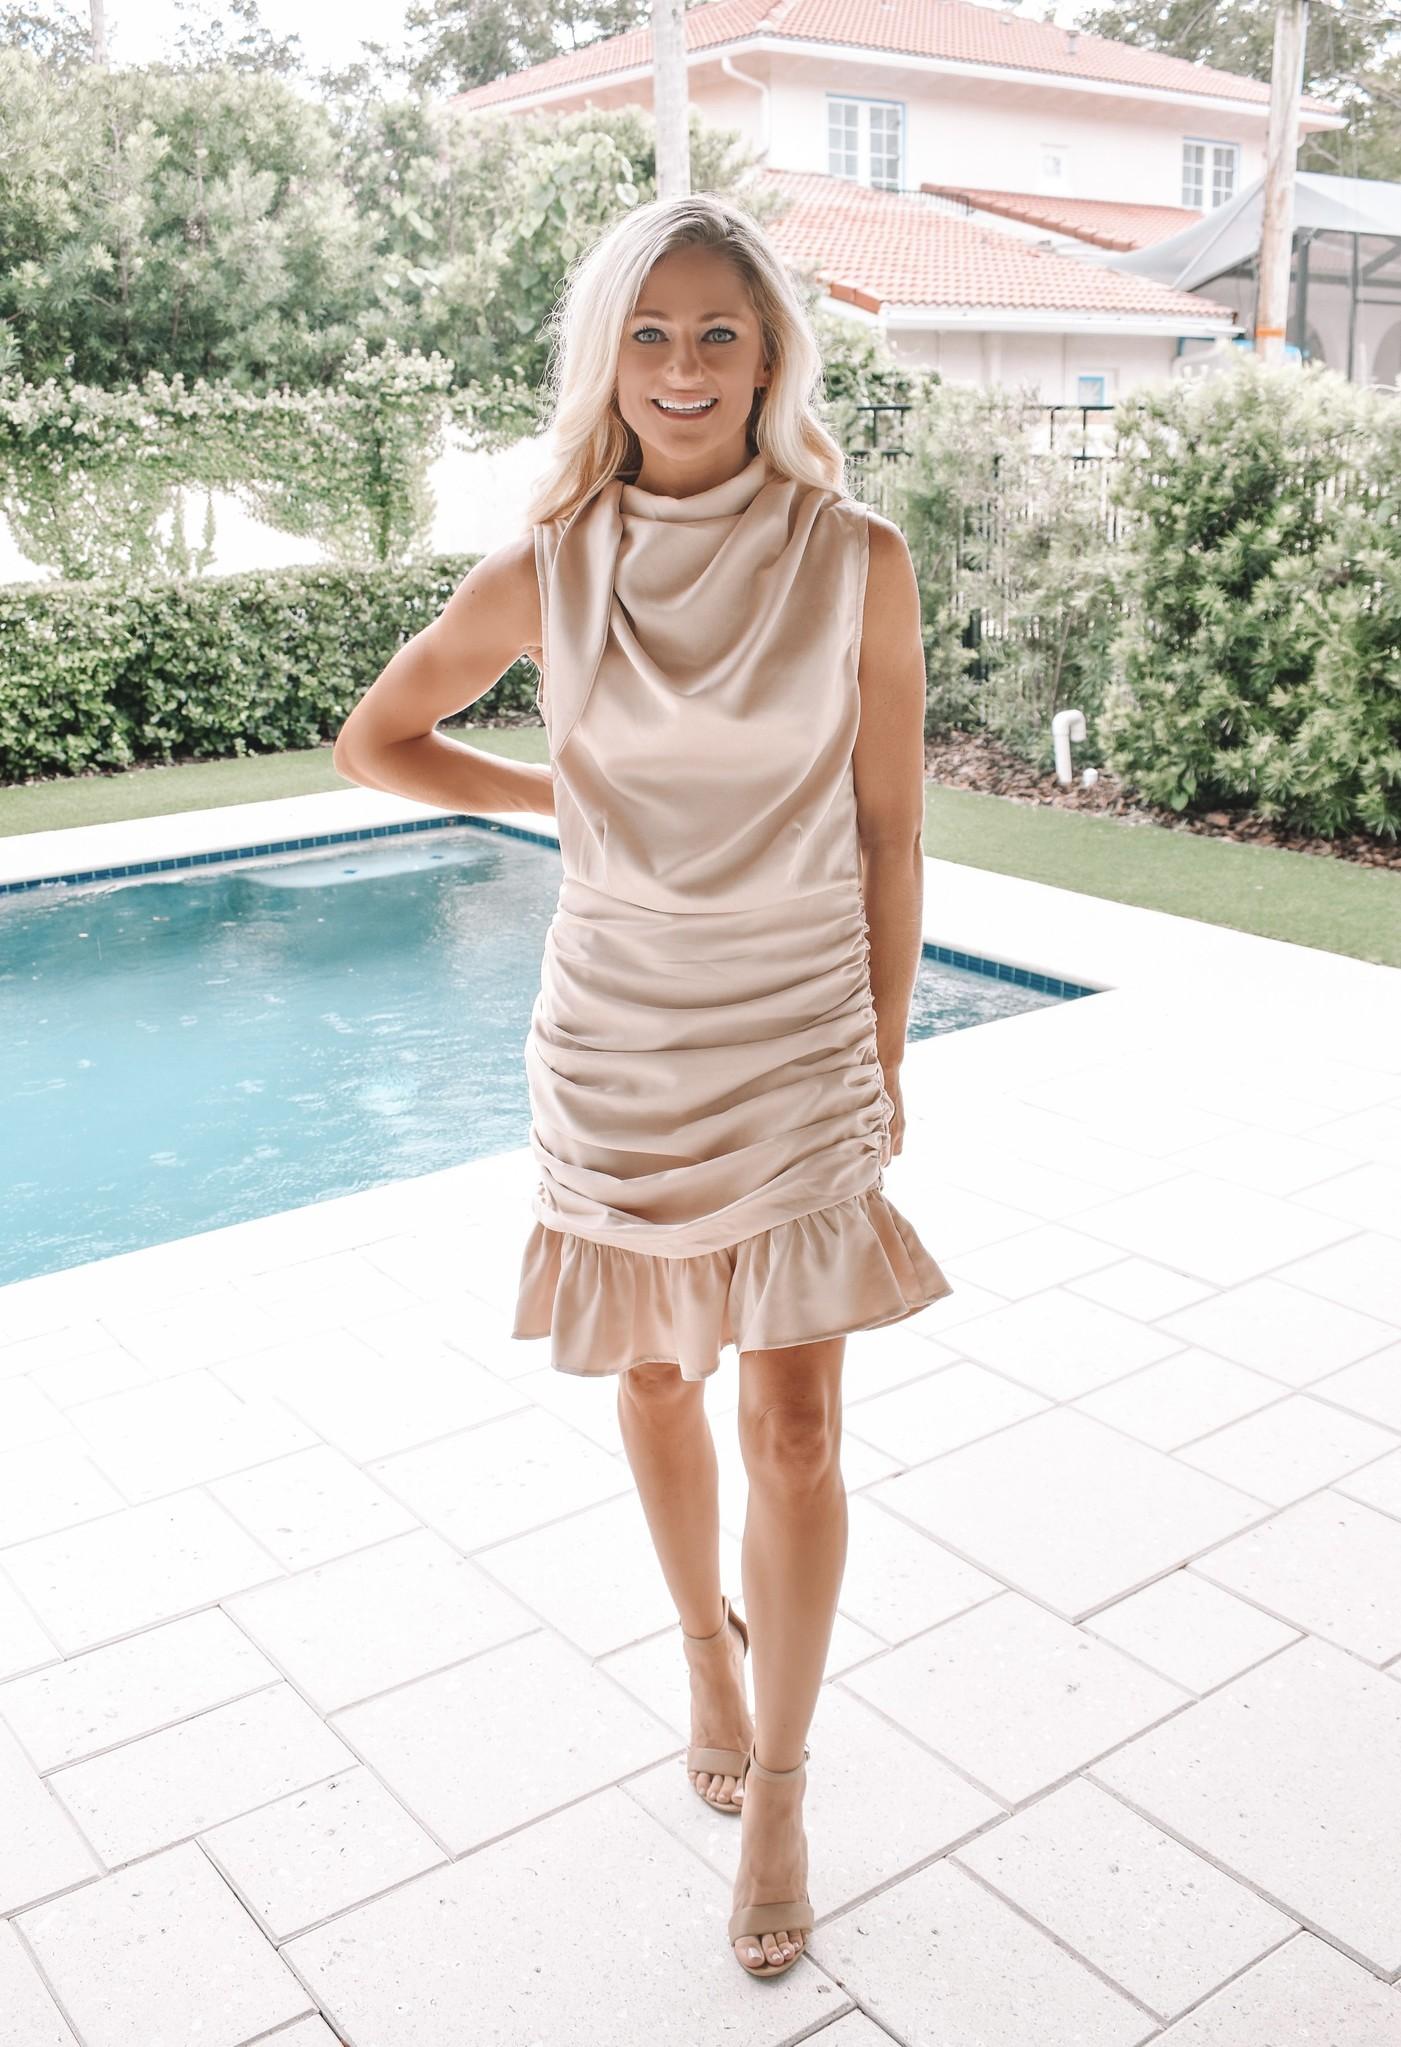 The Chloe Champagne Dress